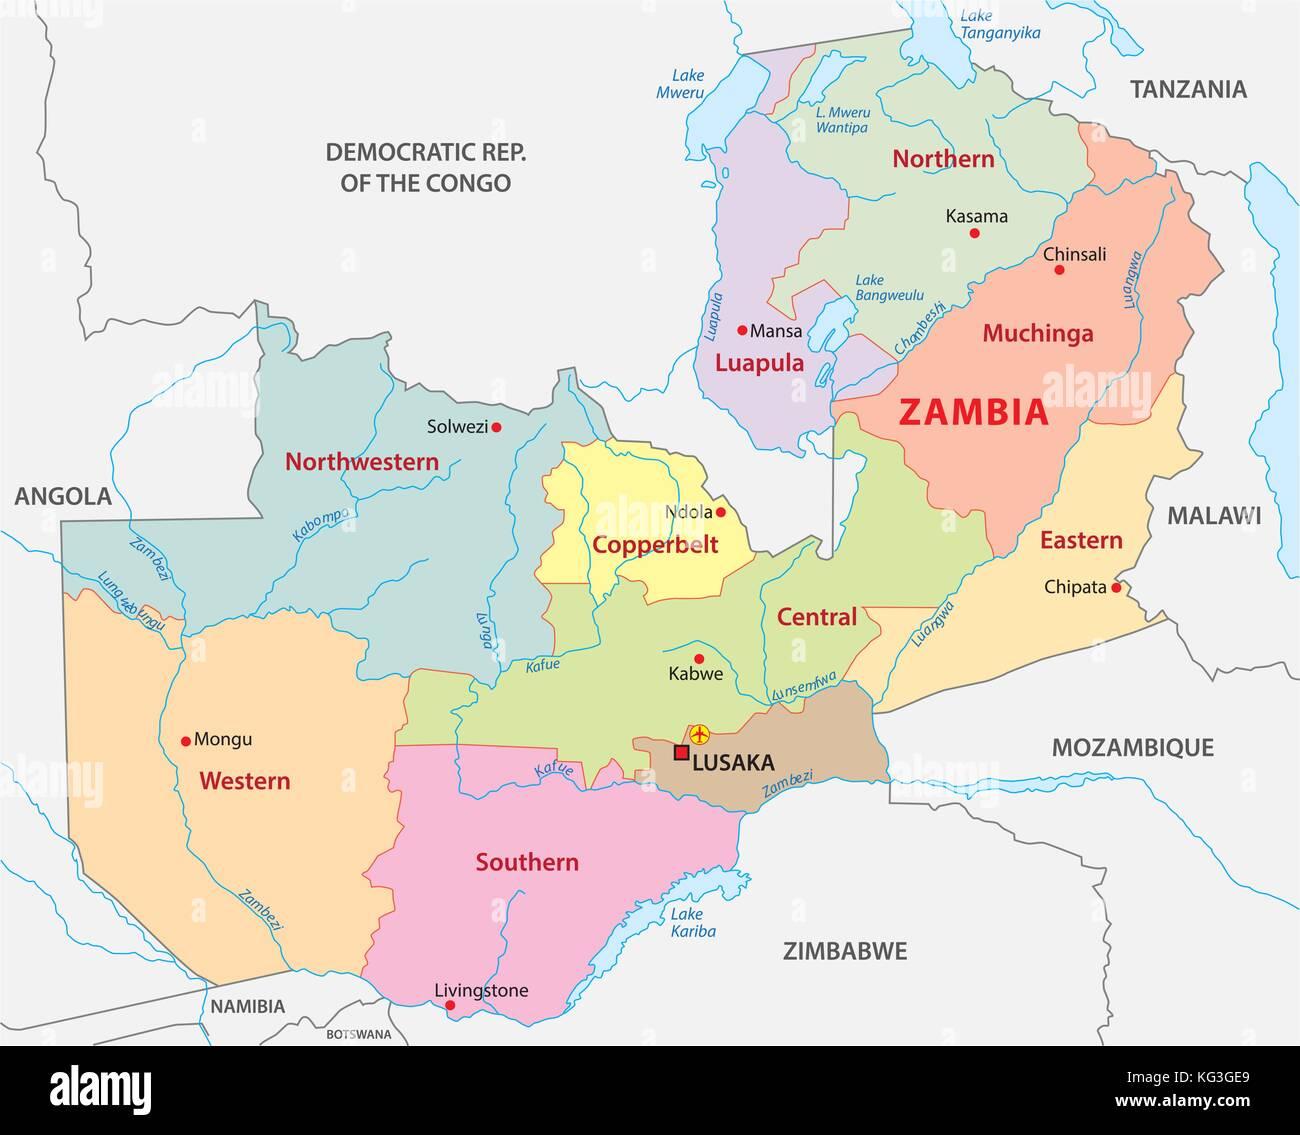 Map Of Africa Zambia.Map Africa Zambia Stock Photos Map Africa Zambia Stock Images Alamy